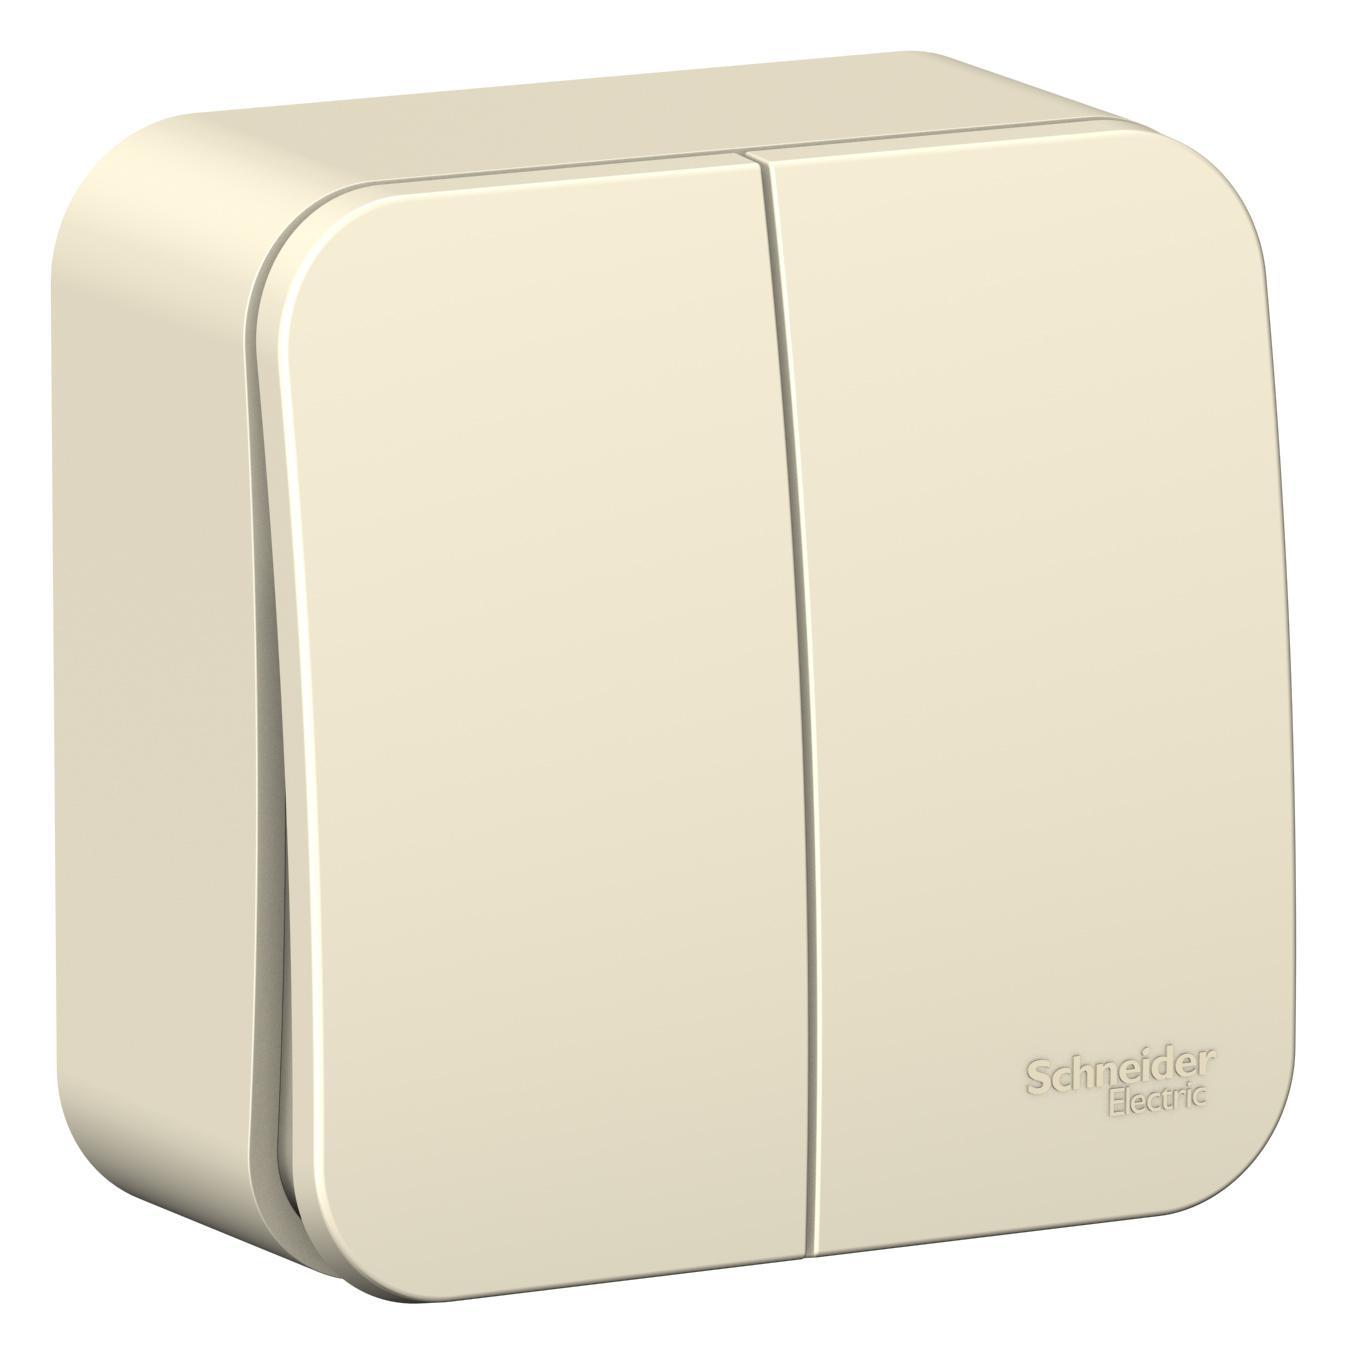 Выключатель Schneider electric Blnva105012 blanca выключатель schneider electric blnva105014 blanca